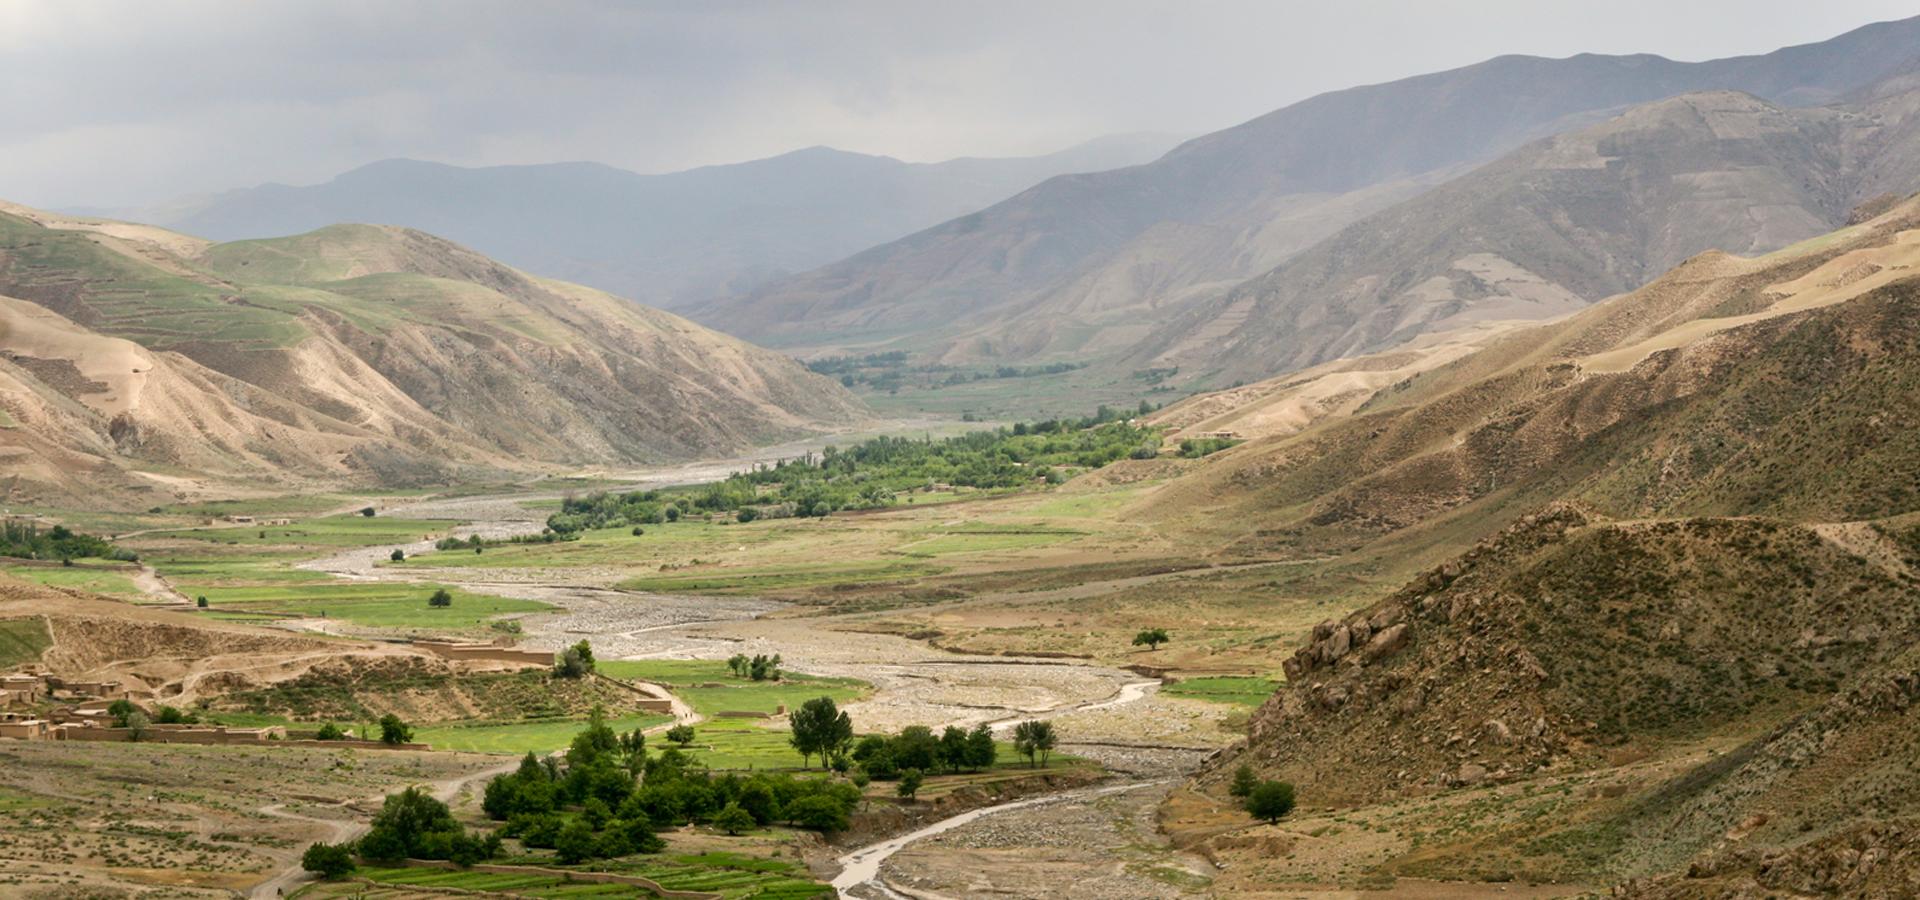 Peer-to-peer advisory in Kunduz, Kondoz Province, Afghanistan